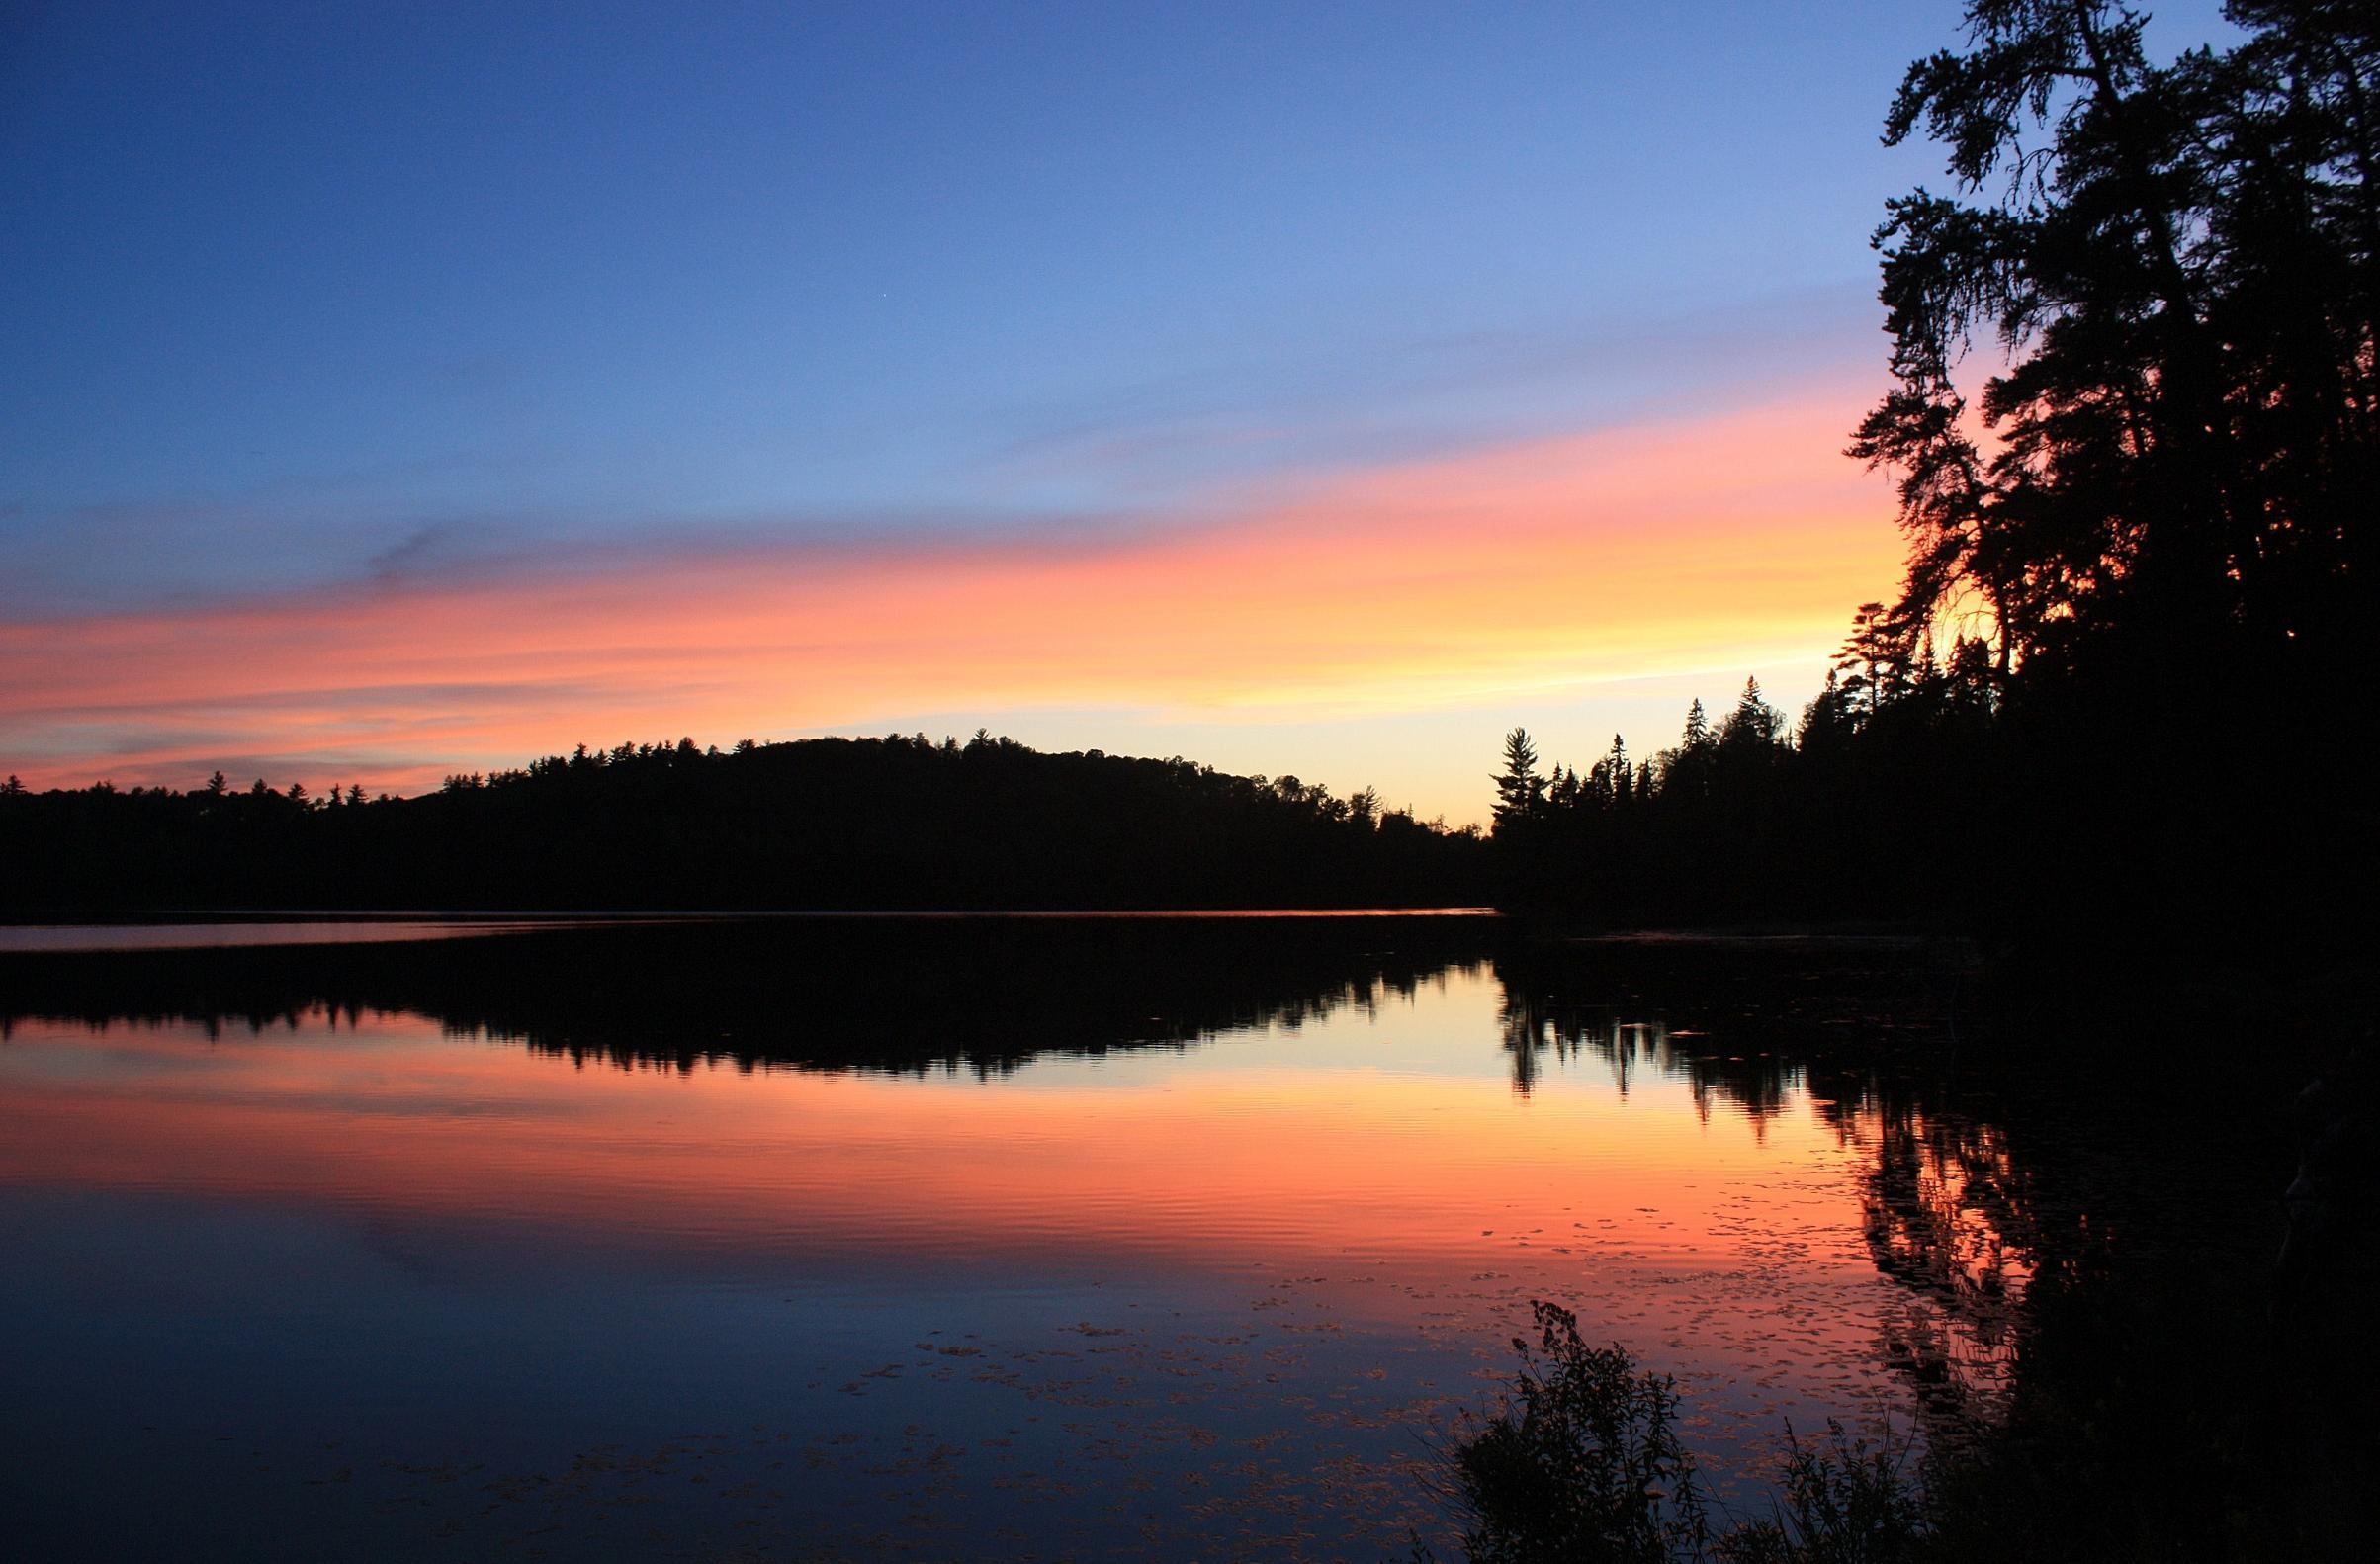 Sunset on Niki Lake